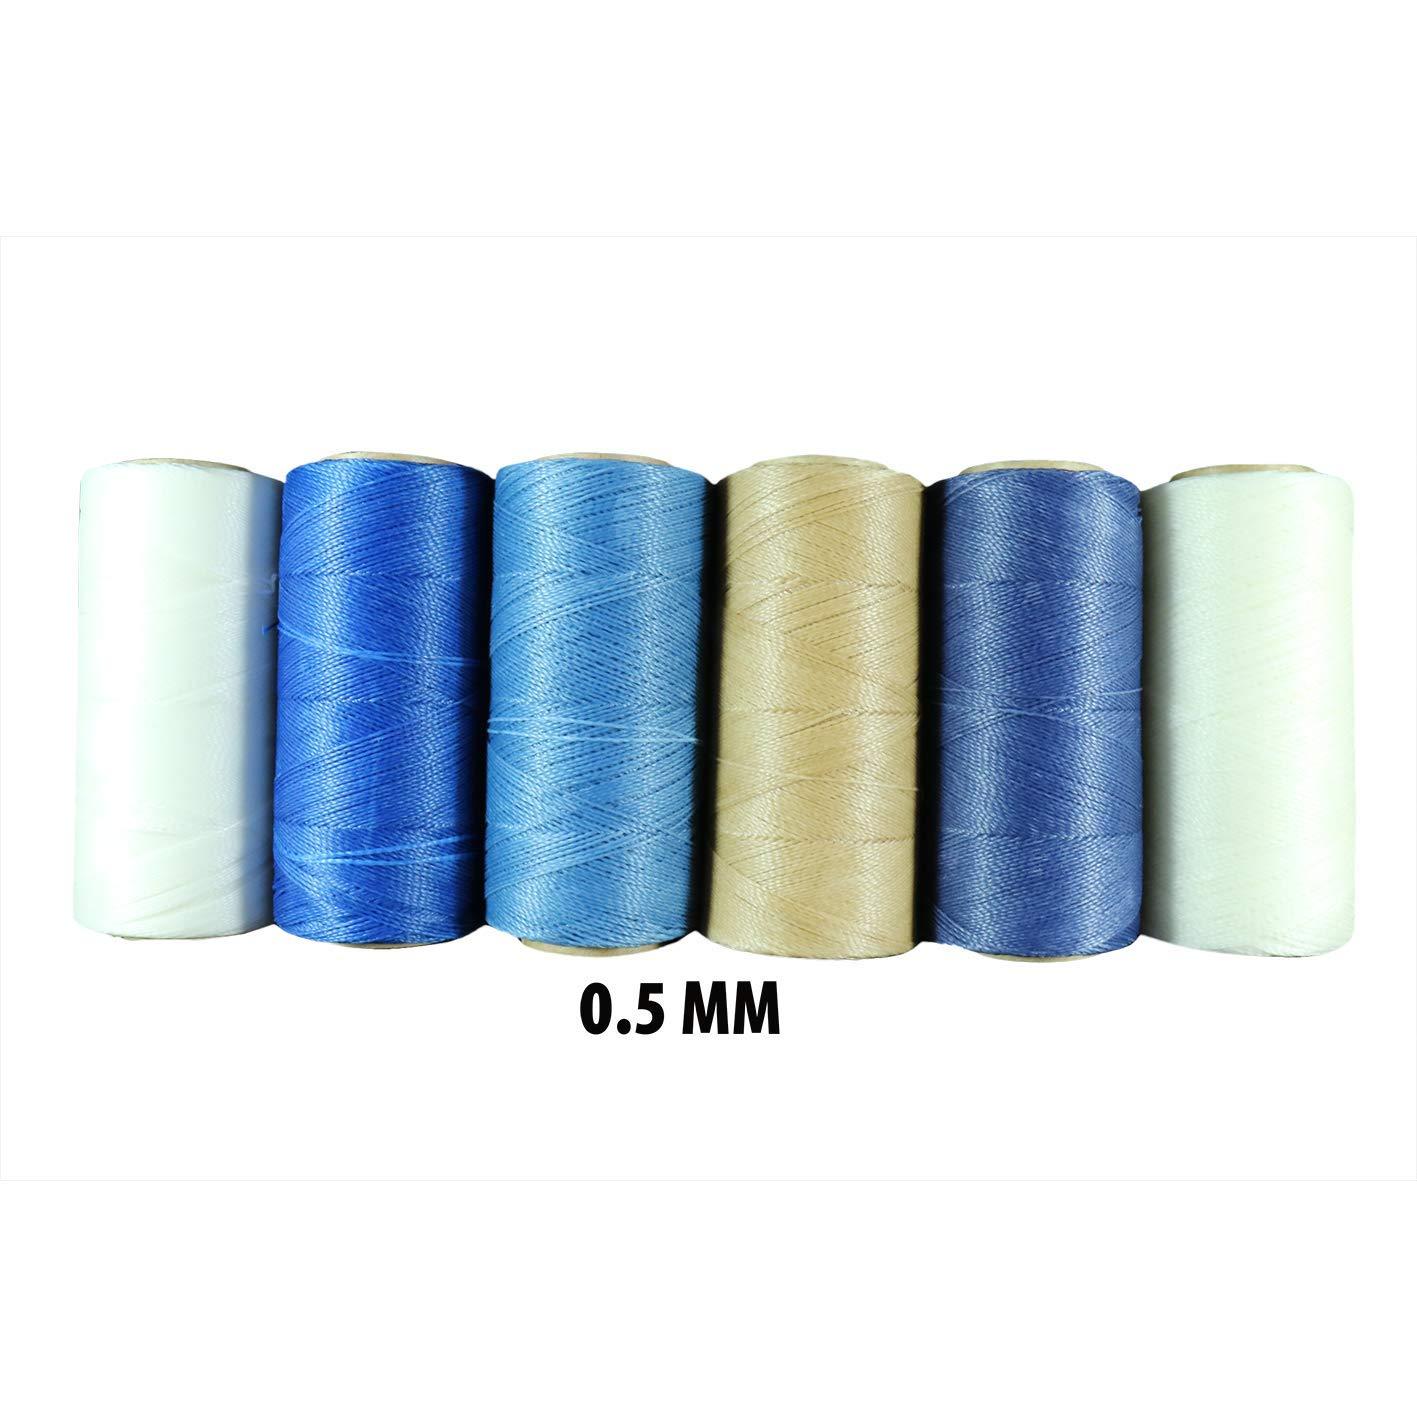 Hilo Encerado Linhasita 0.5 mm Gama Color Blanco